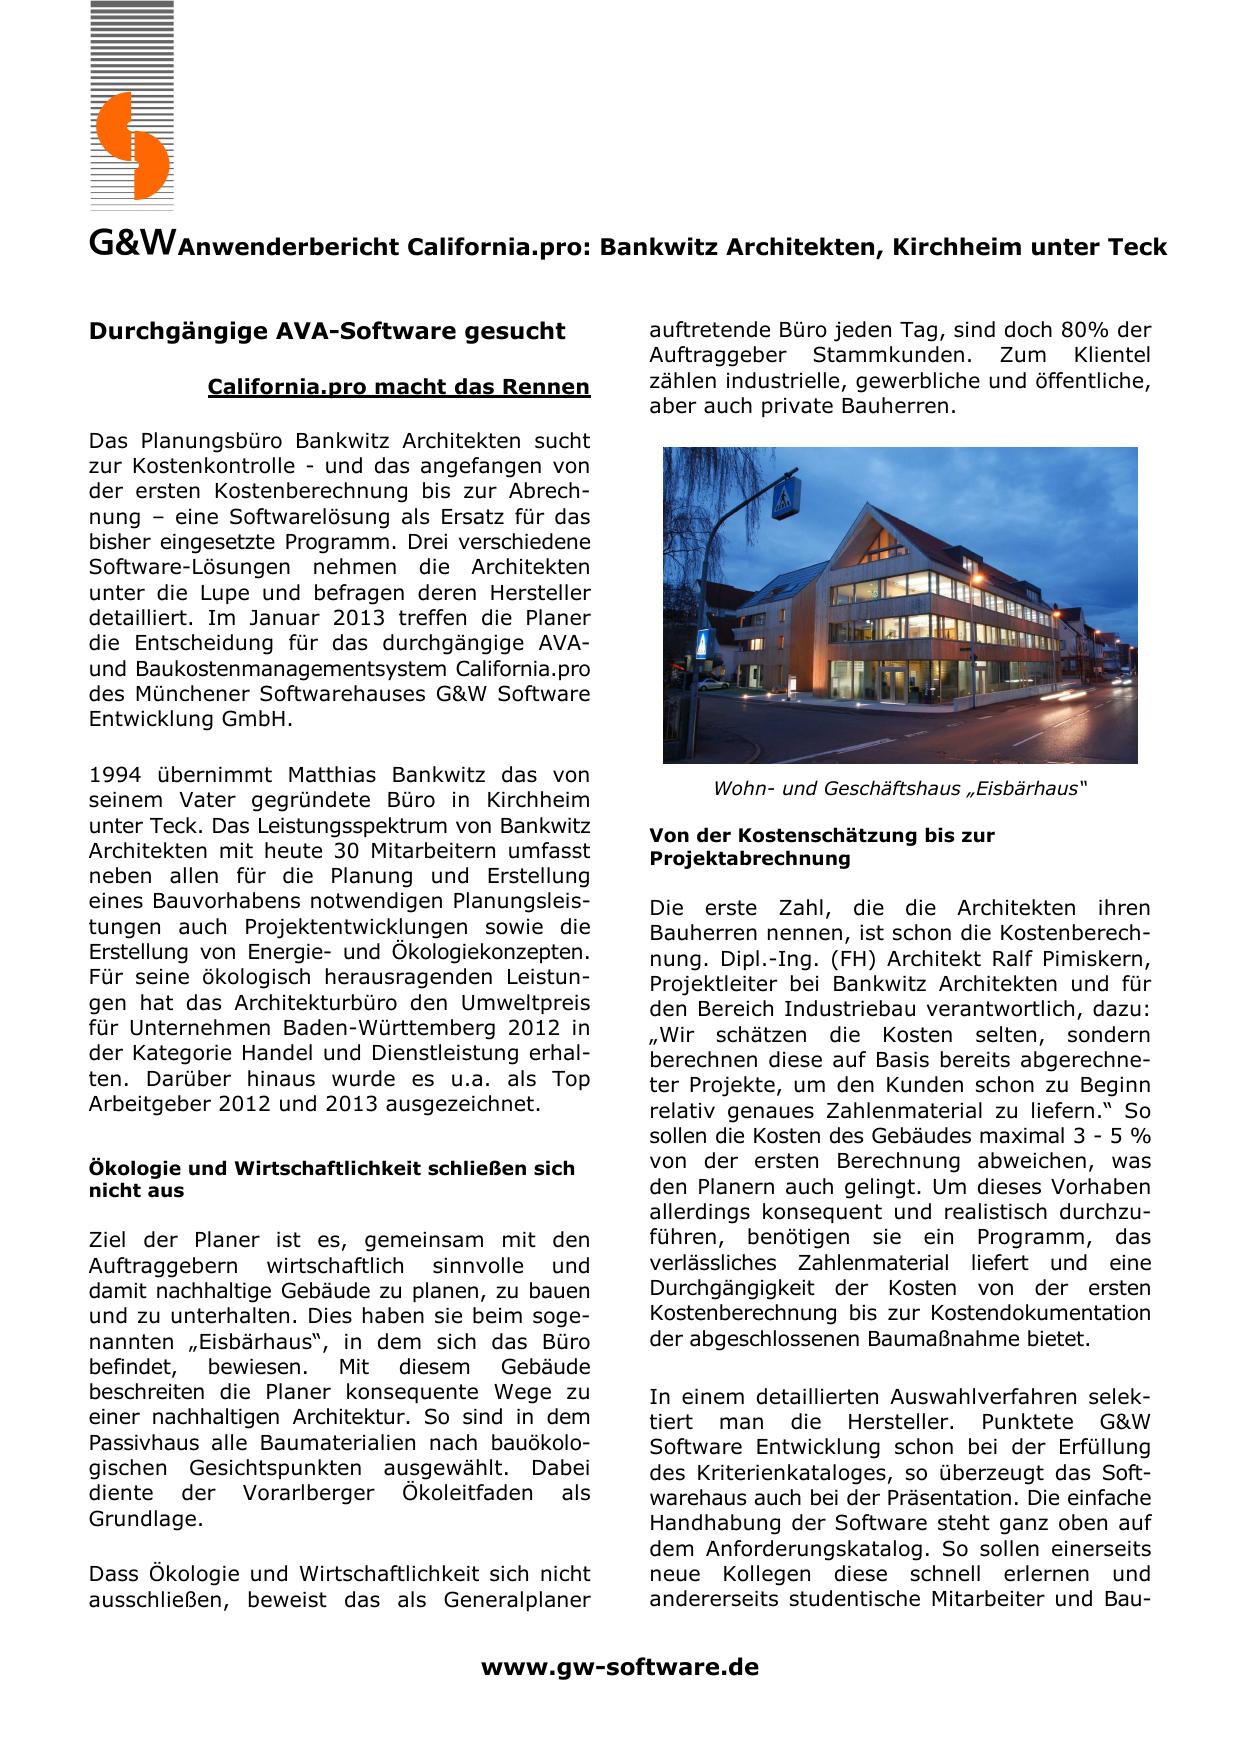 Anwenderbericht California Pro Bankwitz Architekten Kirchheim